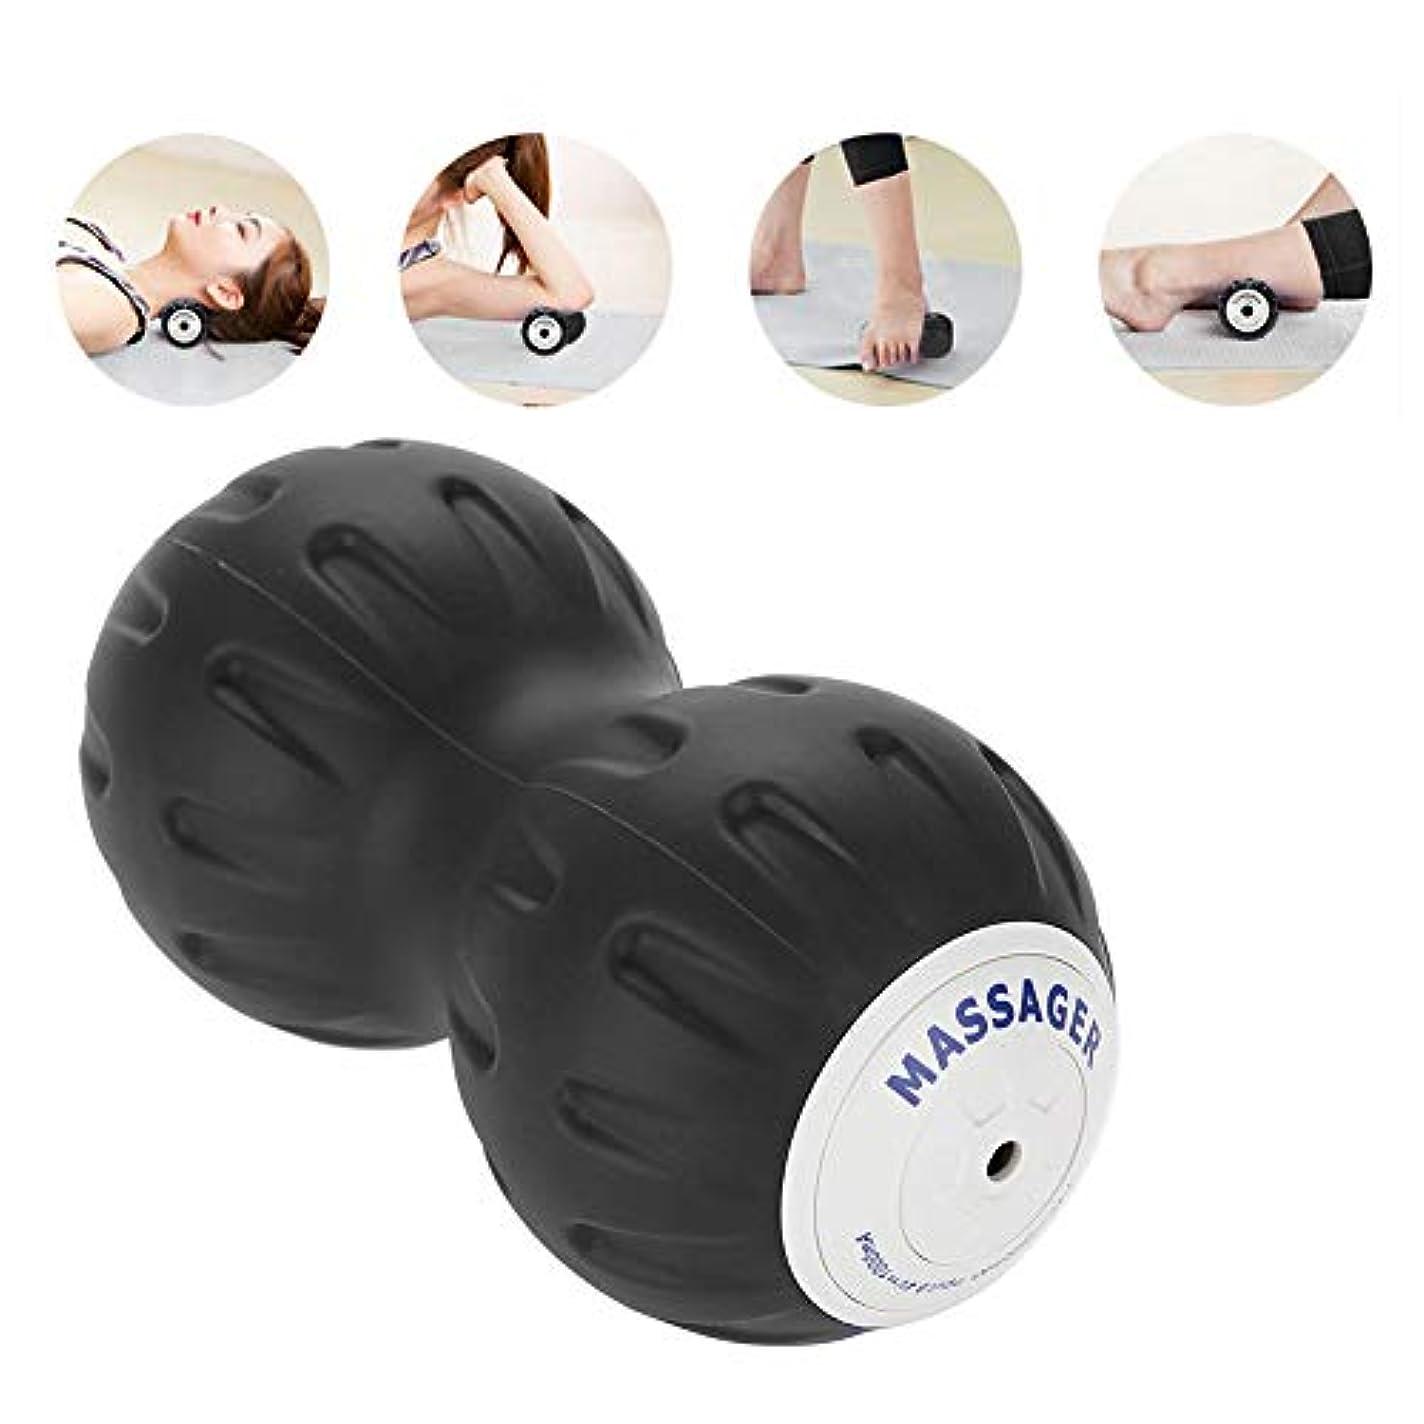 ファイル説得ゴージャスピーナッツマッサージボール、電気二重ラクロスボール3スピード高輝度ヨガ枕筋肉リラックス筋膜マッサージローラー(US-Plug)